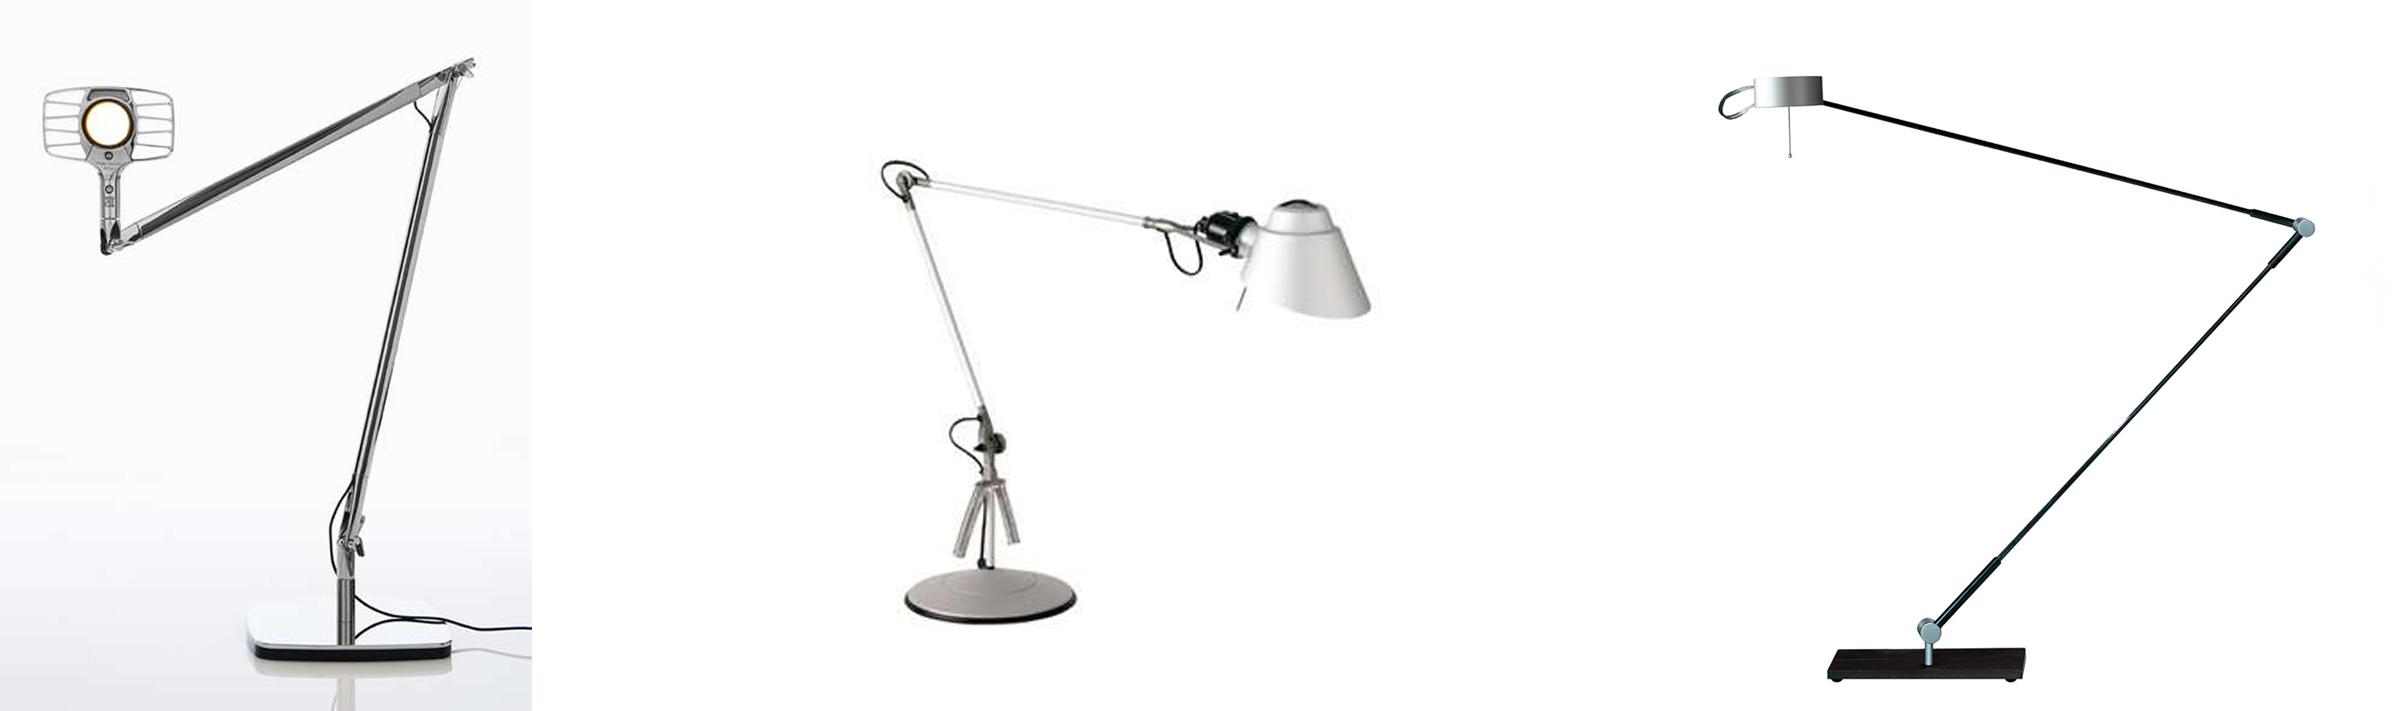 Luceplan Otto Watt Tischleuchte, Lumina Tangram Tischleuchte und Absolut Lighting Absolut LED Schreibtischleuchte